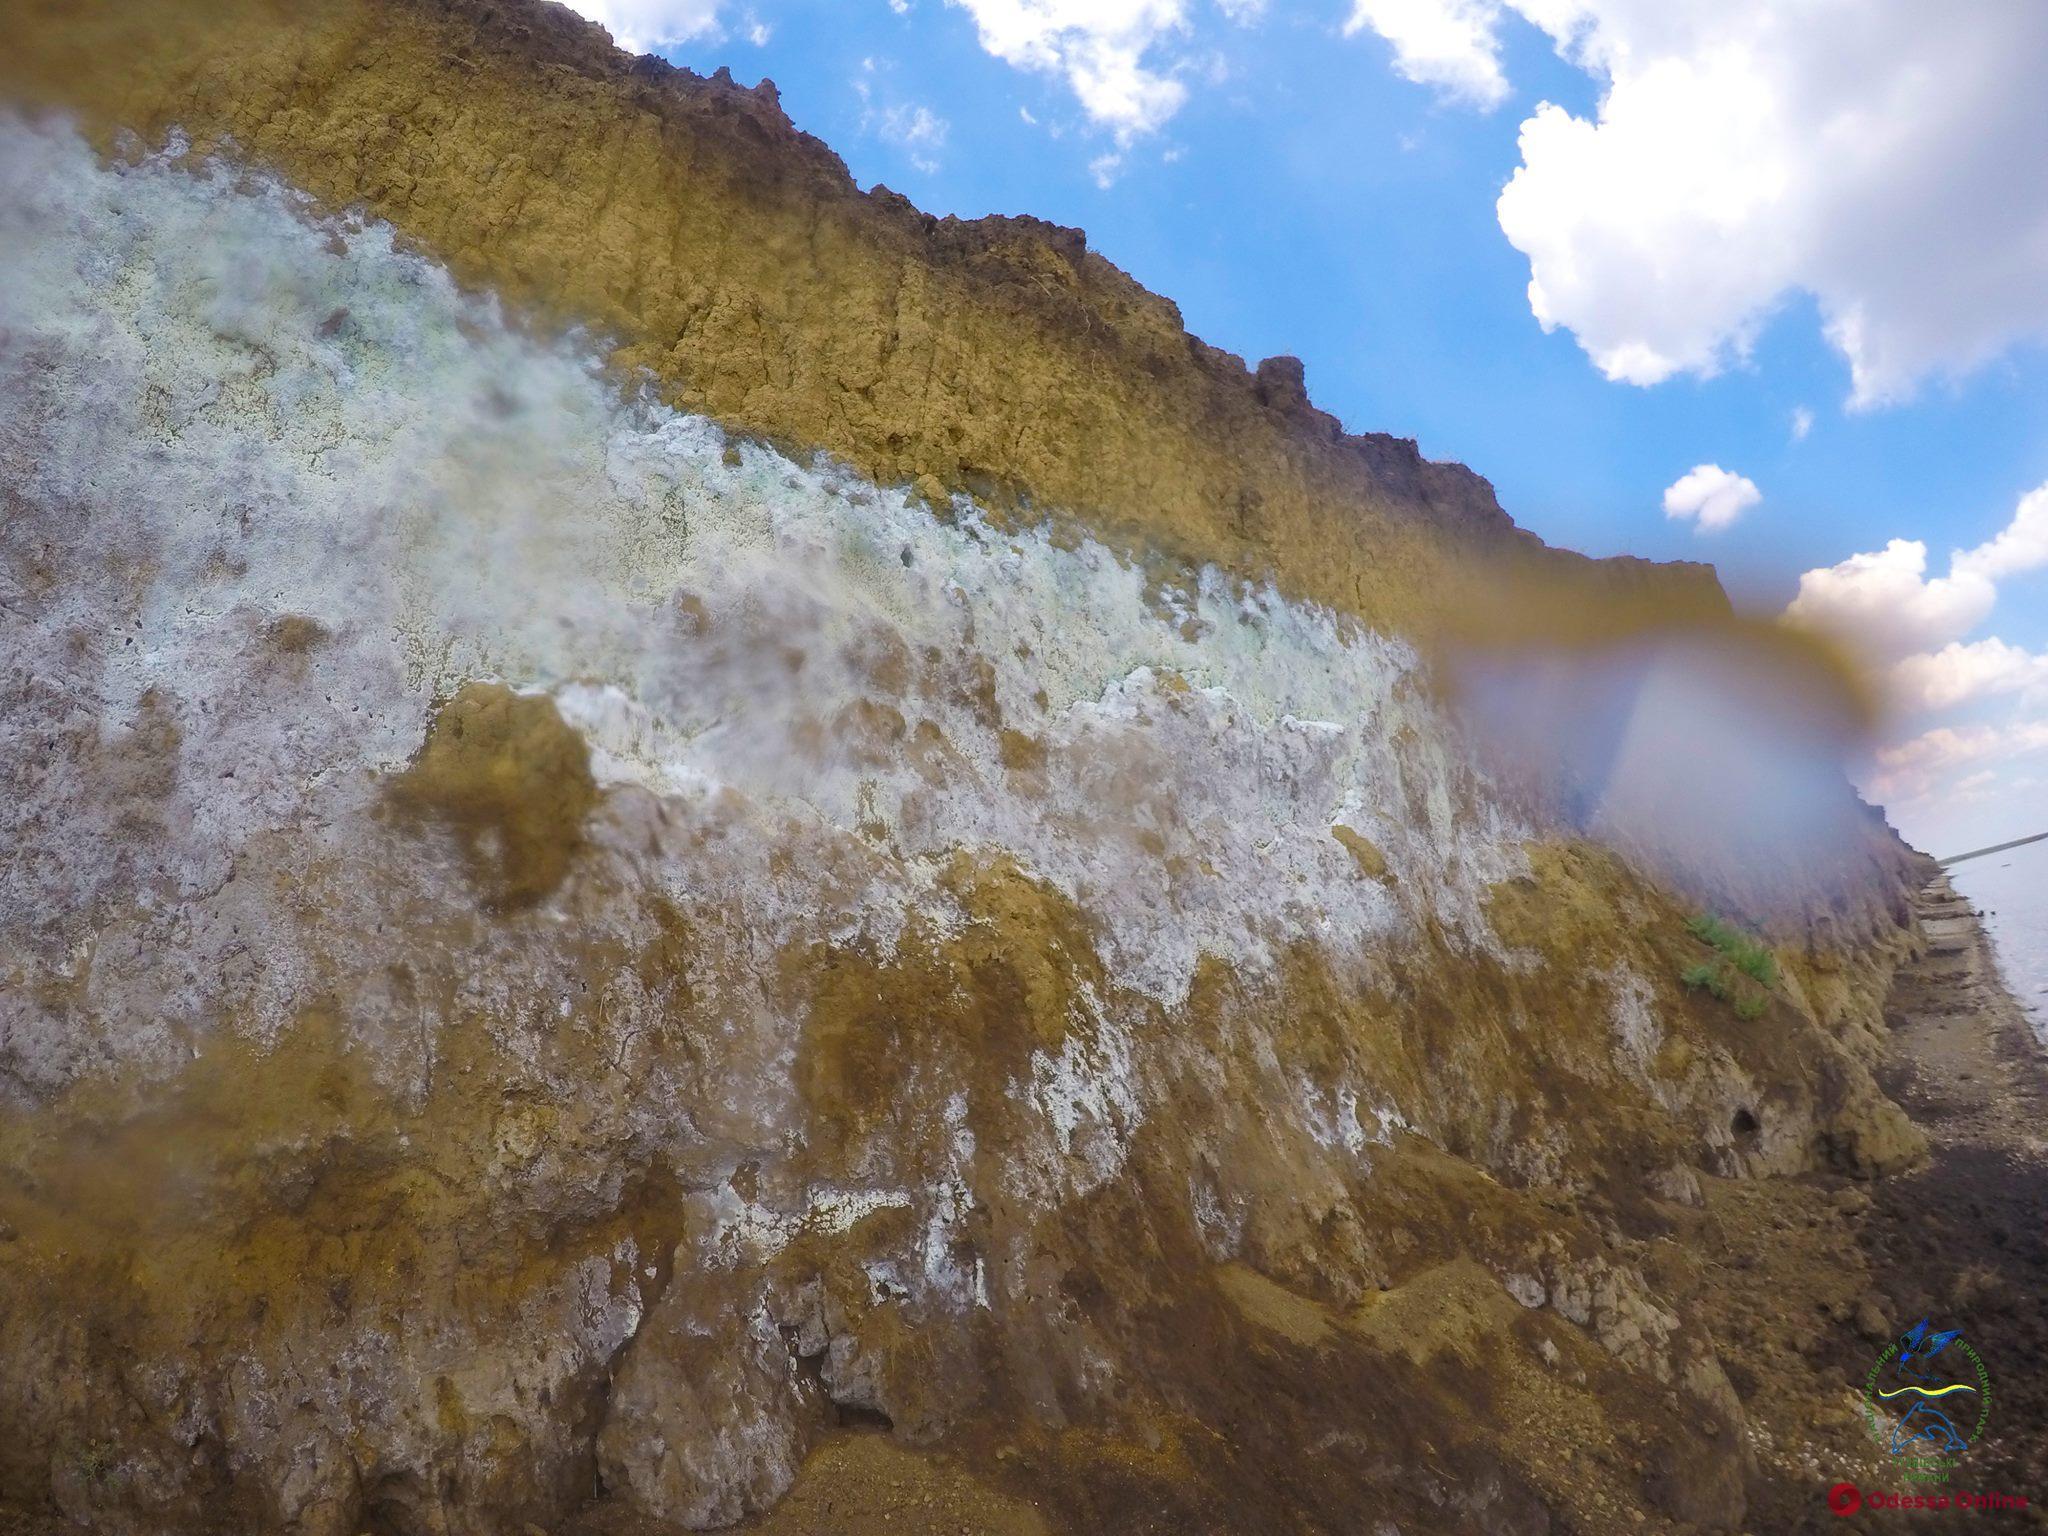 В «Тузловских лиманах» обнаружили пропитанный неизвестным веществом склон